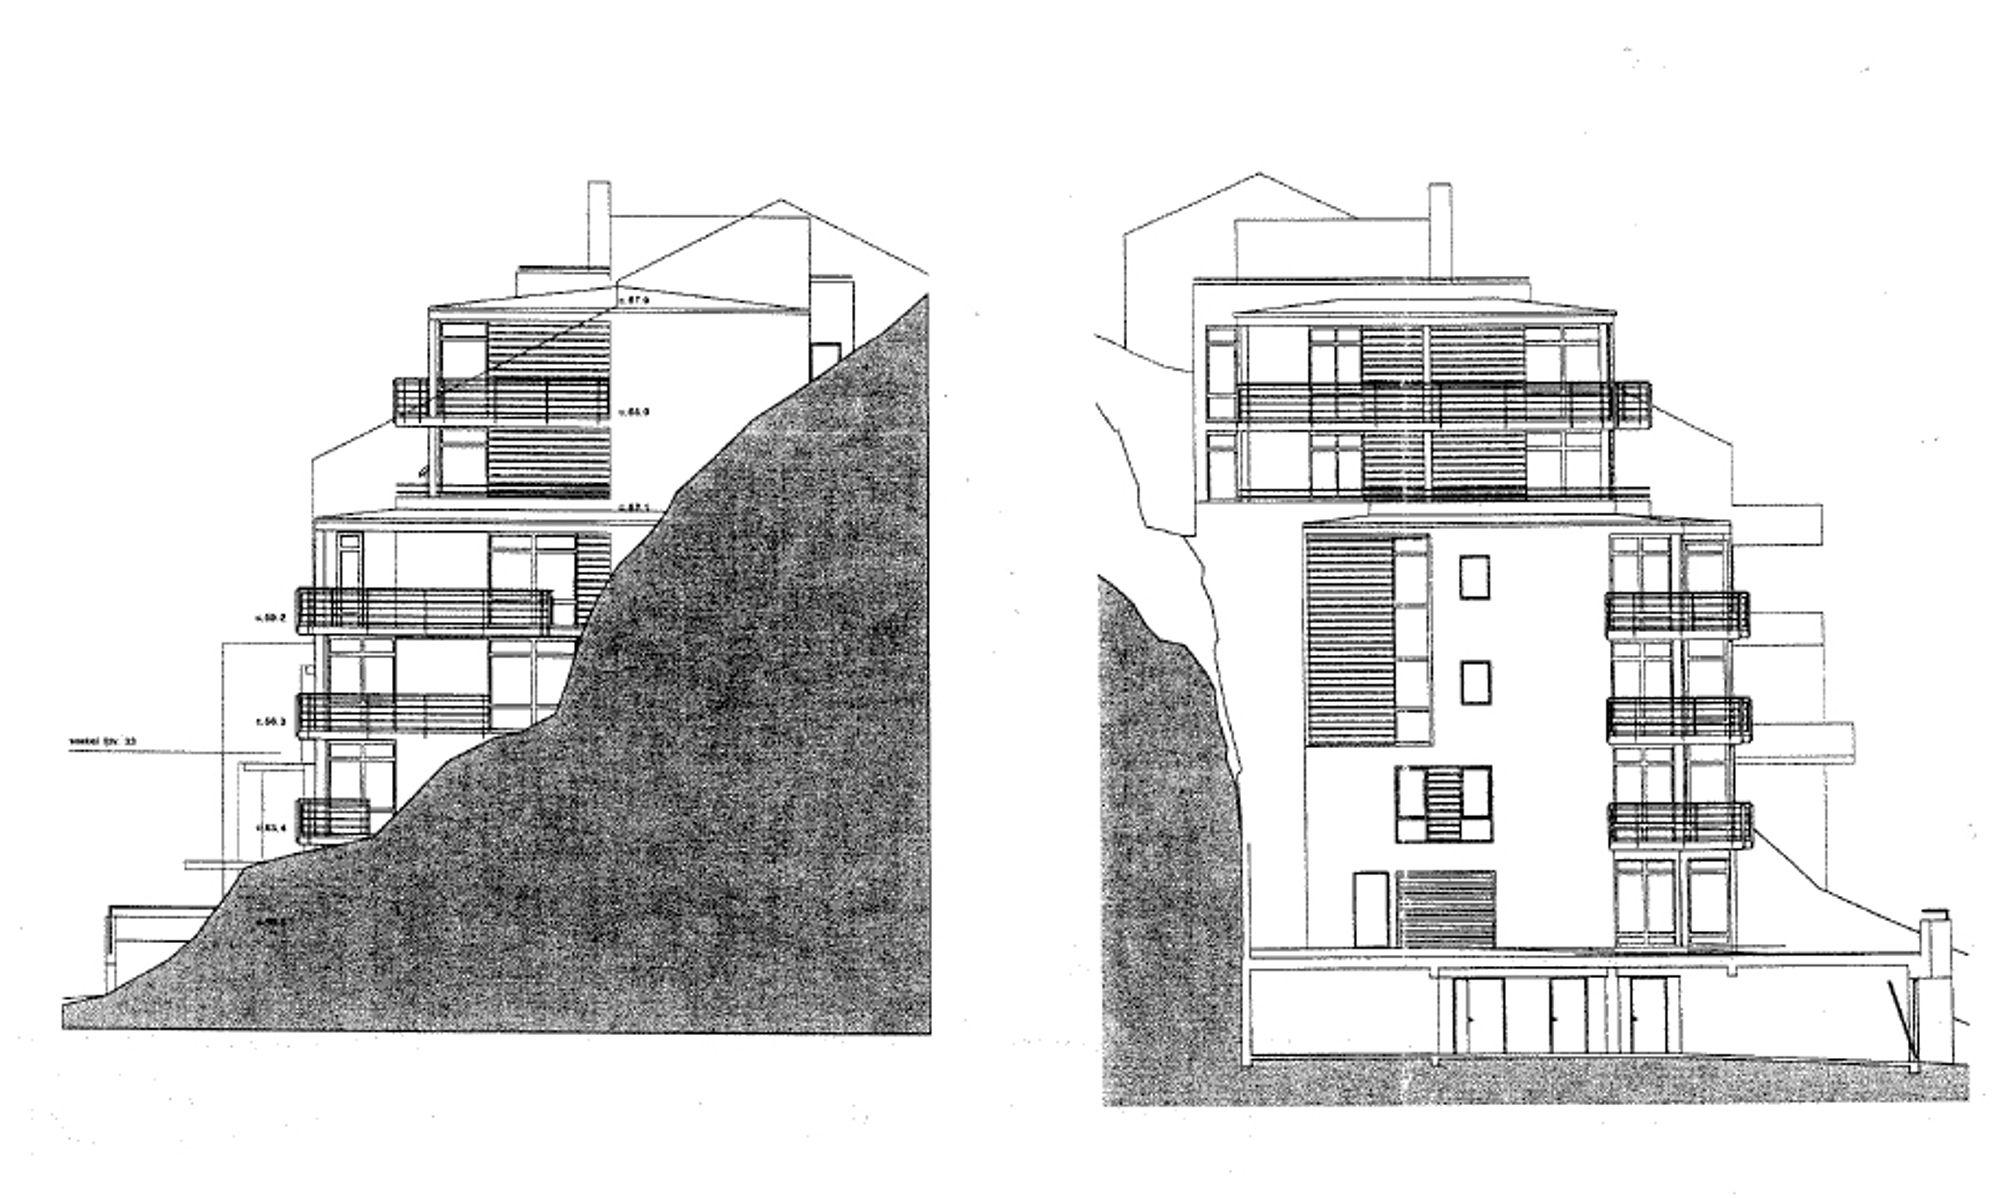 Snittegning av boligblokken i Ålesund.  Den ble bygget med 10 leiligheter og ikke 17, som først søkt om.